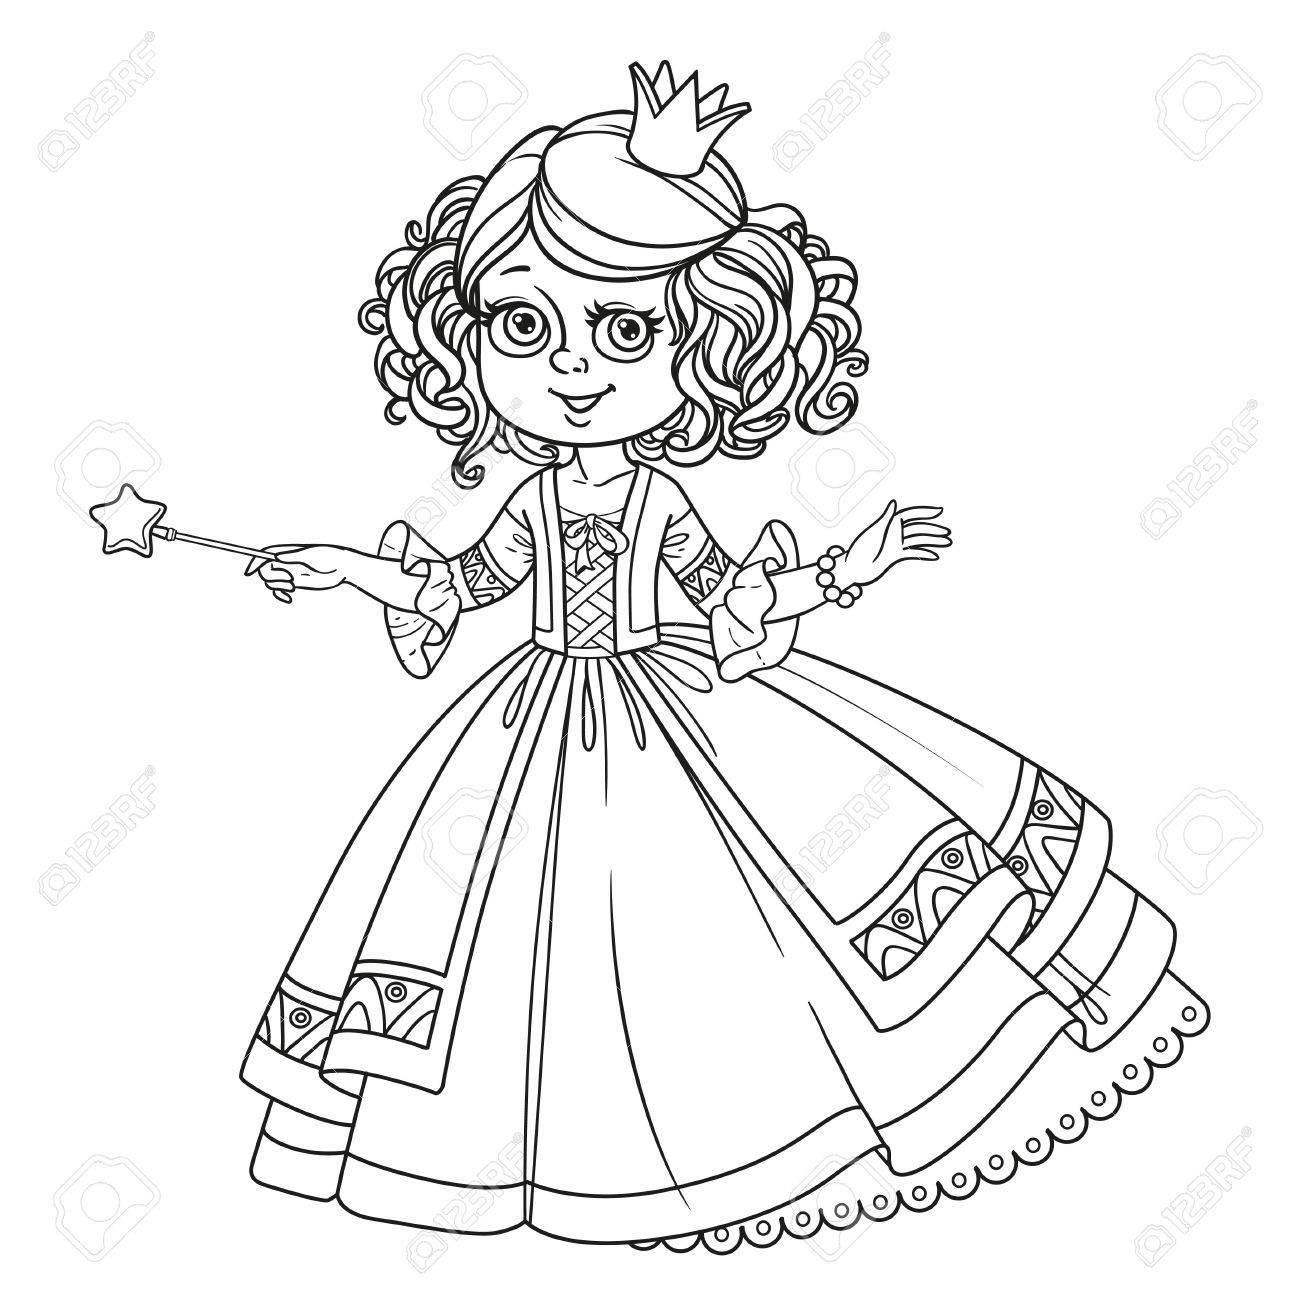 Belle Petite Princesse Avec Baguette Magique Décrite Pour Le Cahier De Coloriage Isolé Sur Fond Blanc